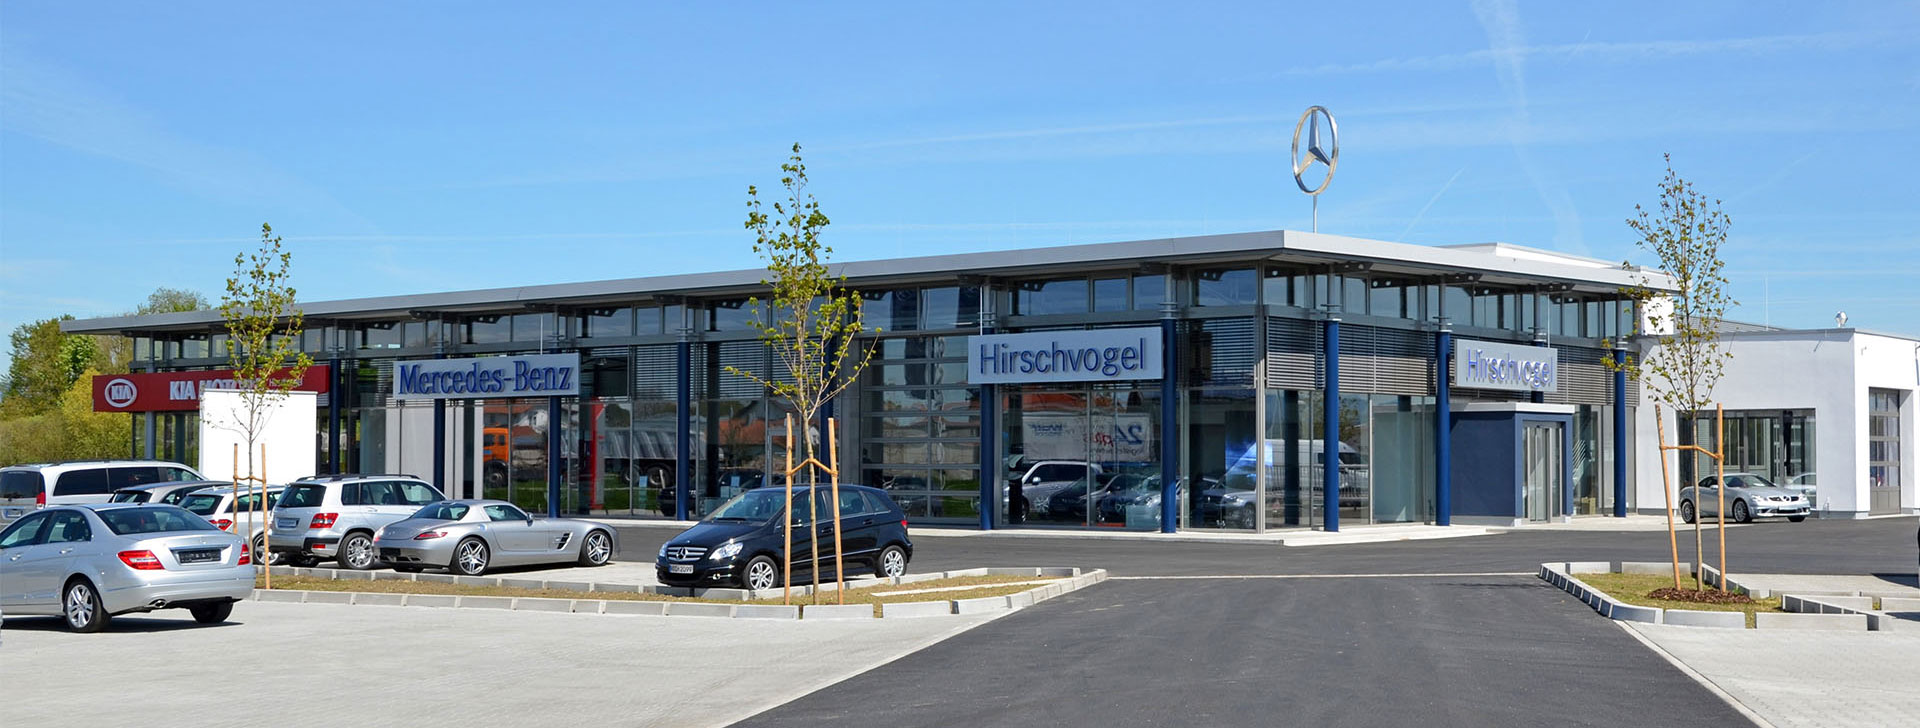 Autohaus mit Pfosten-Riegel Fassade